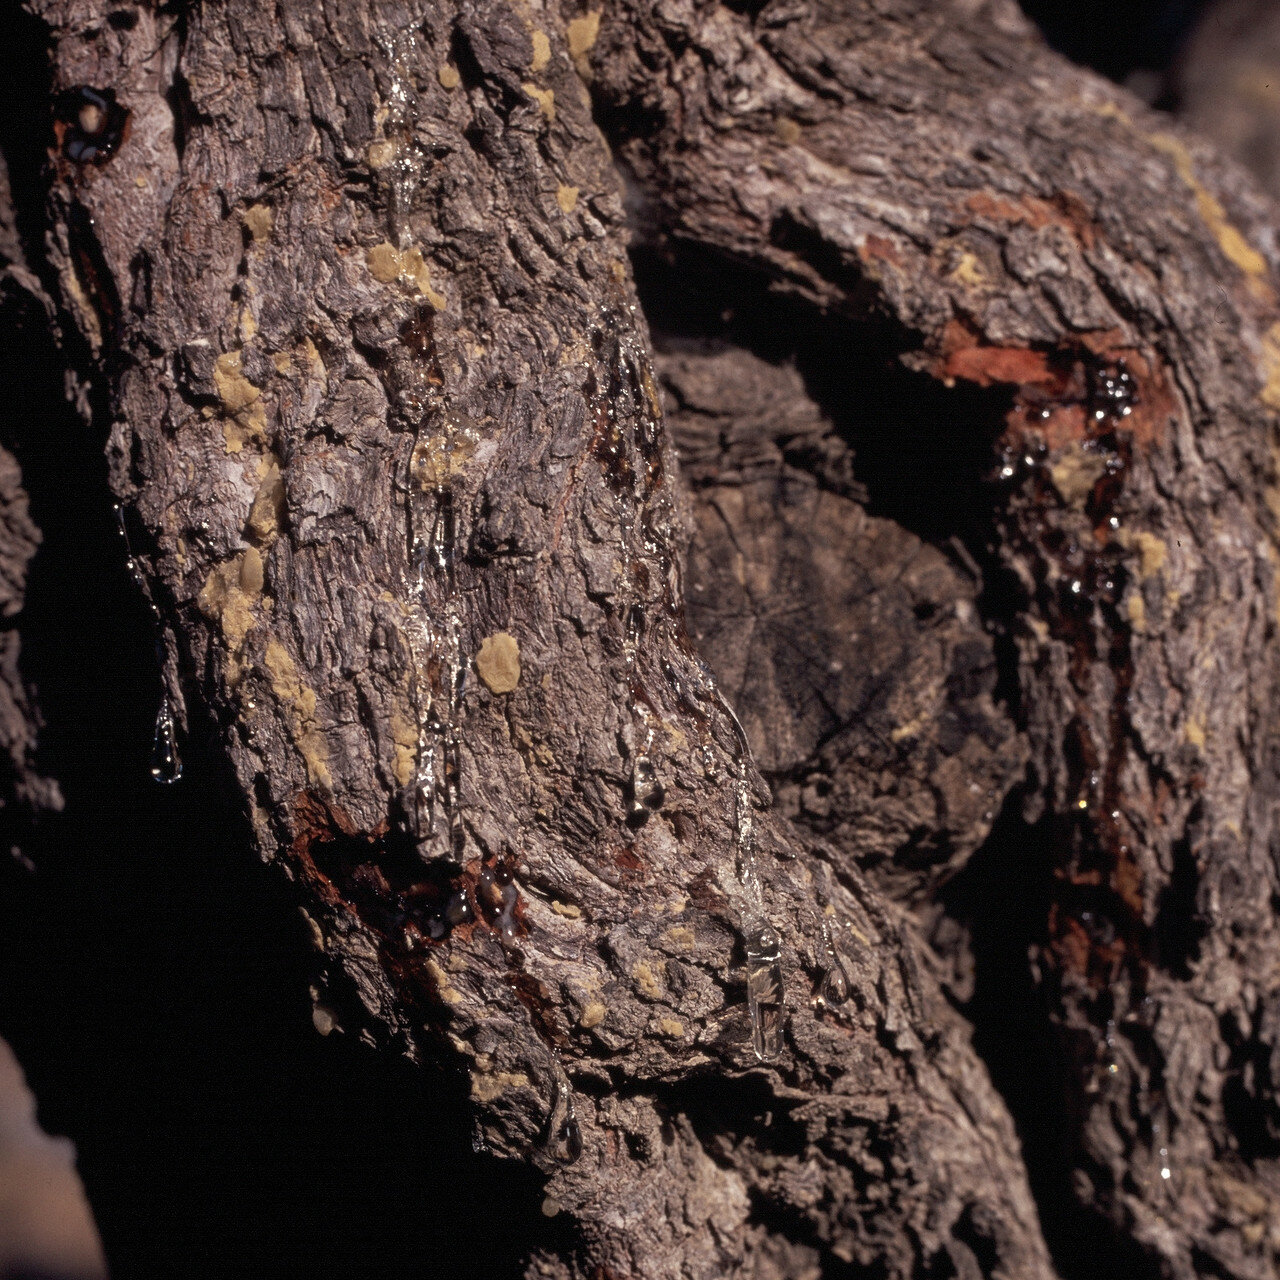 Южный Хиос. Плантация мастичных деревьев